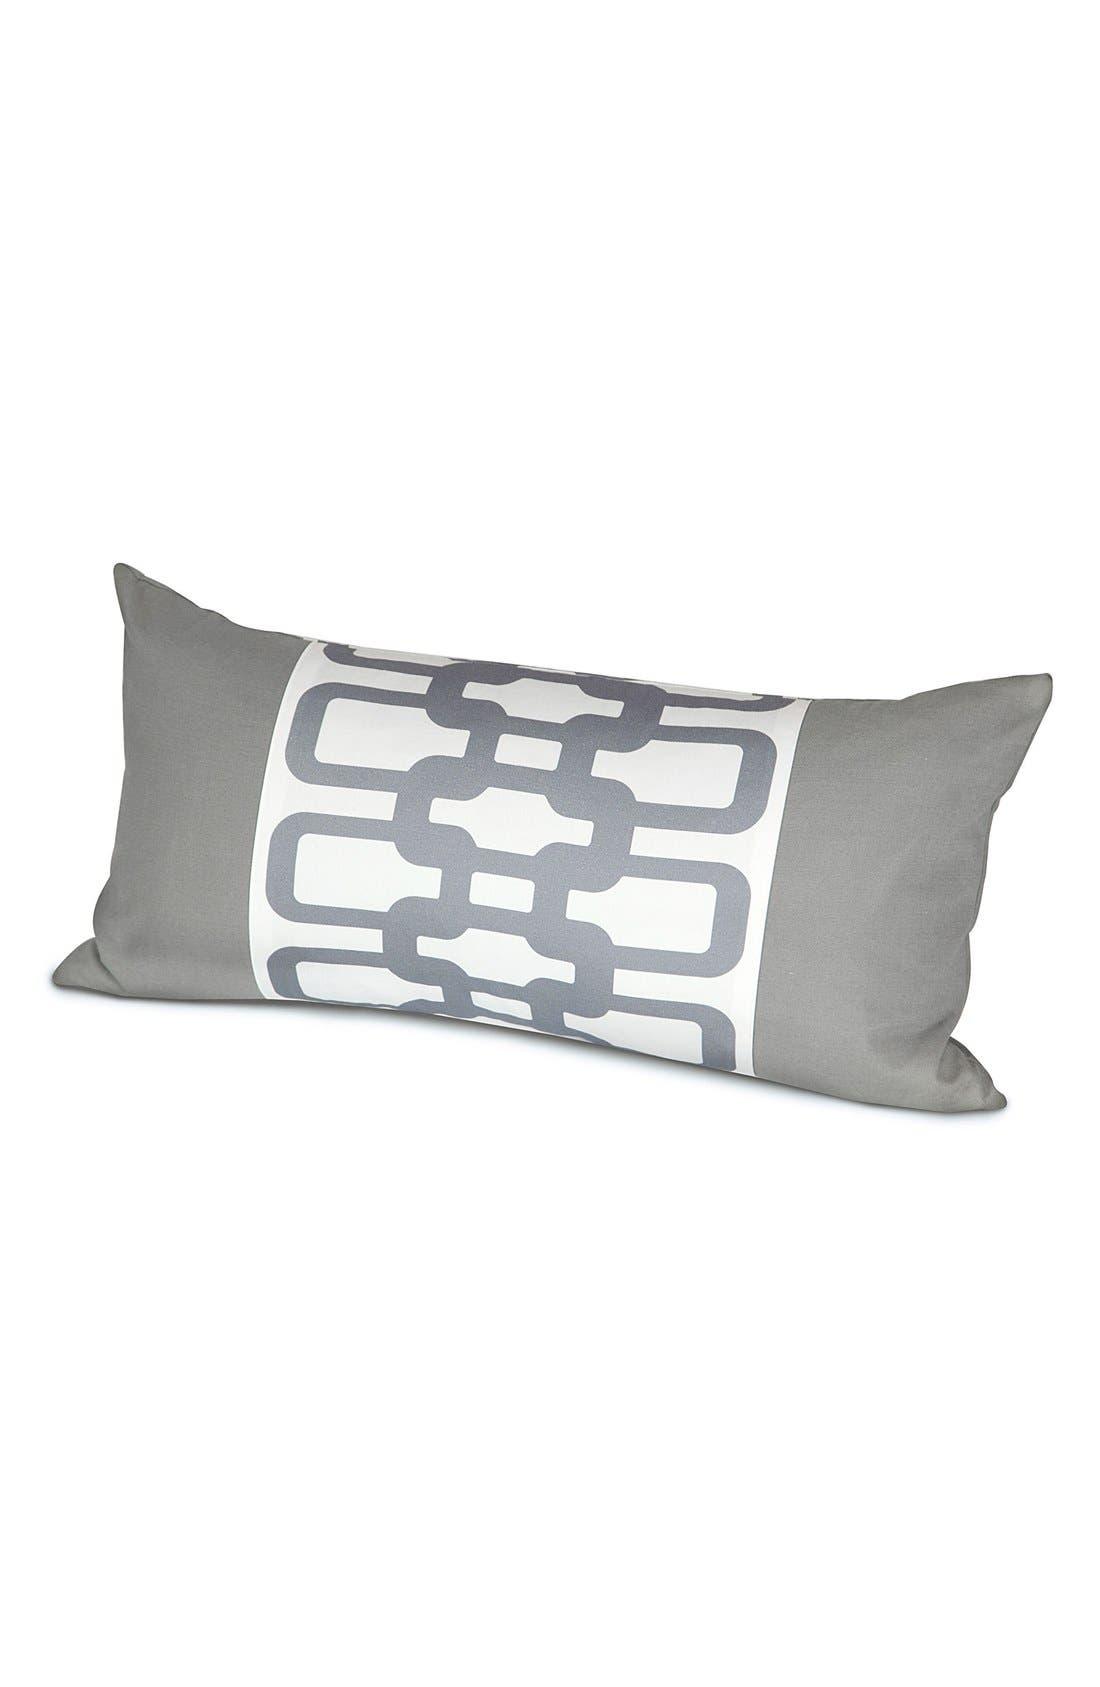 Main Image - Oilo Crib Pillow